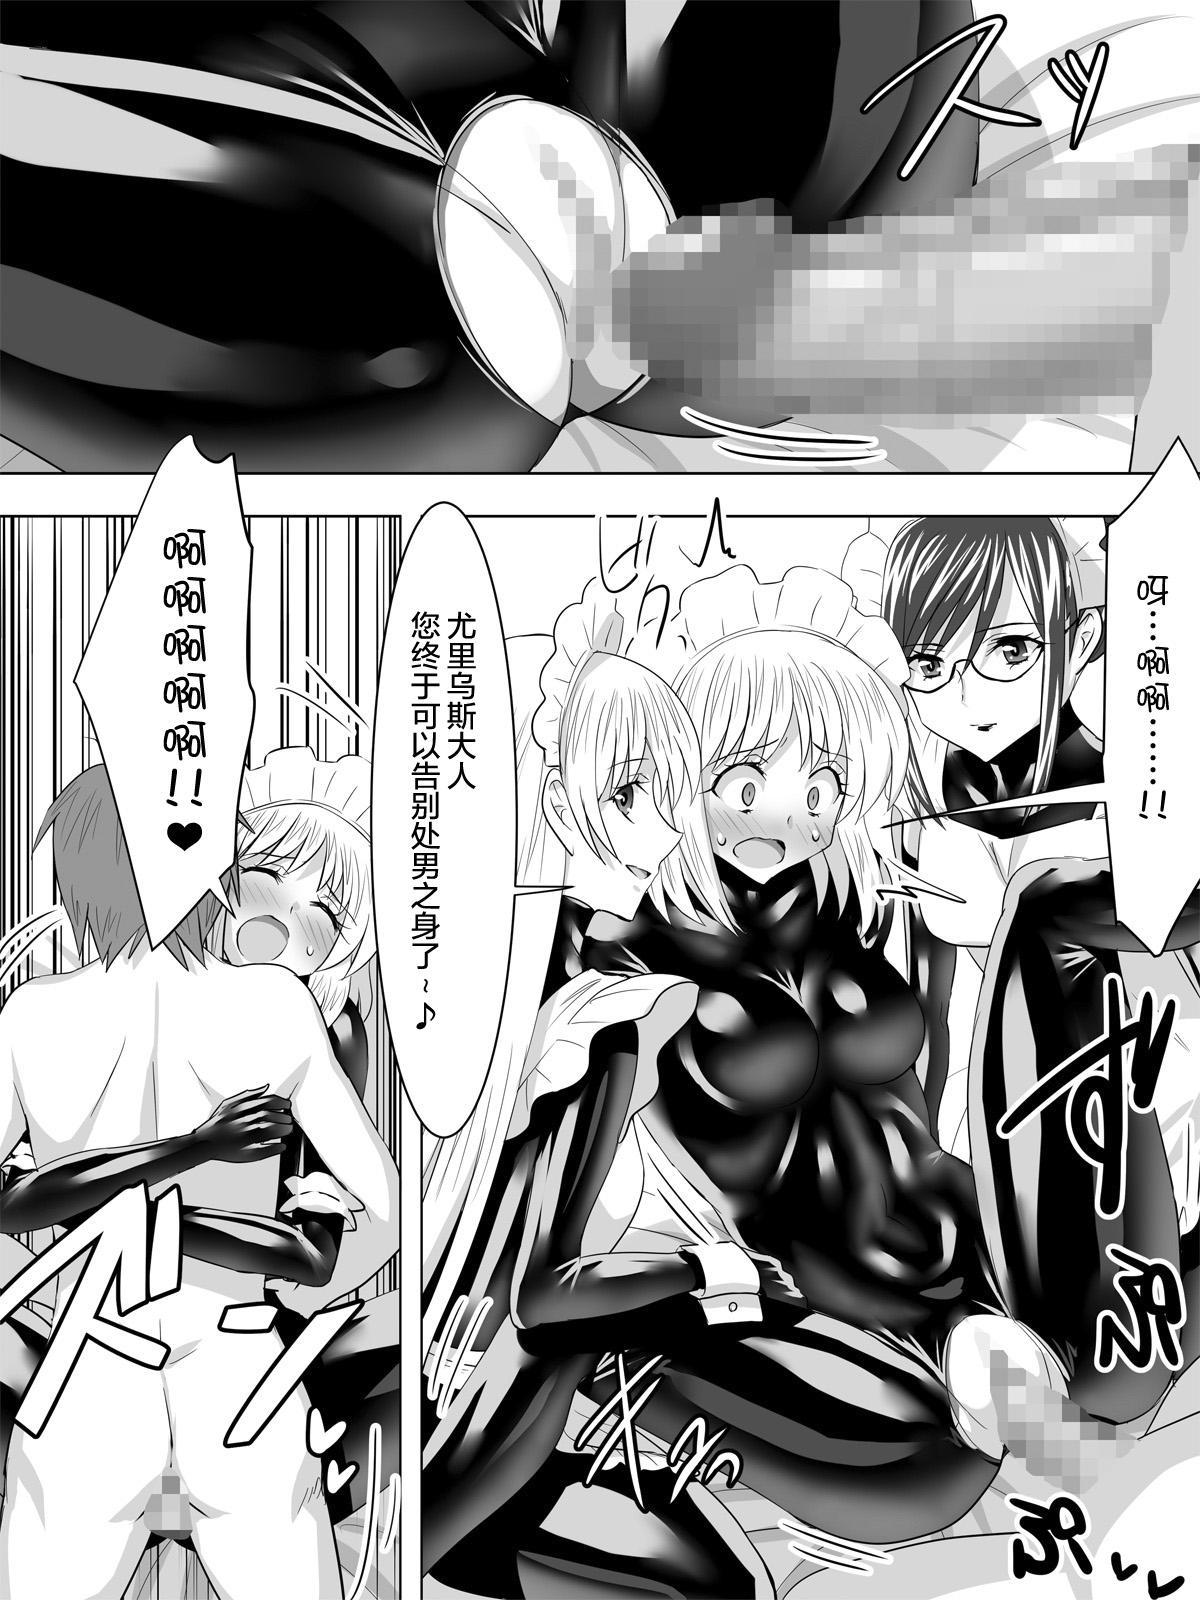 Picchiri Suit Maid to Doutei Kizoku 34